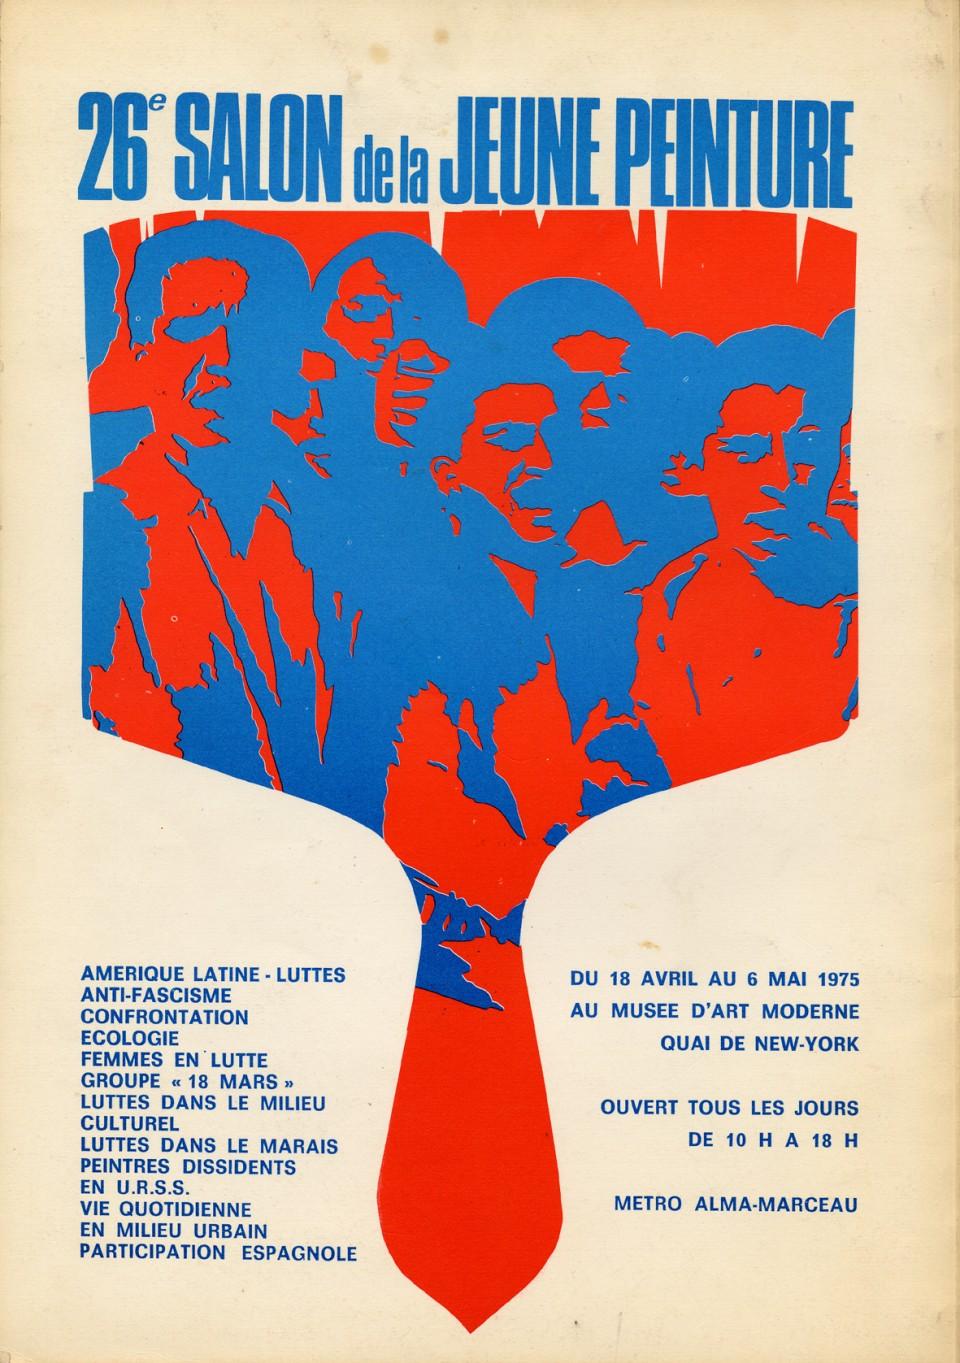 Affiche du 26e salon de la jeune peinture